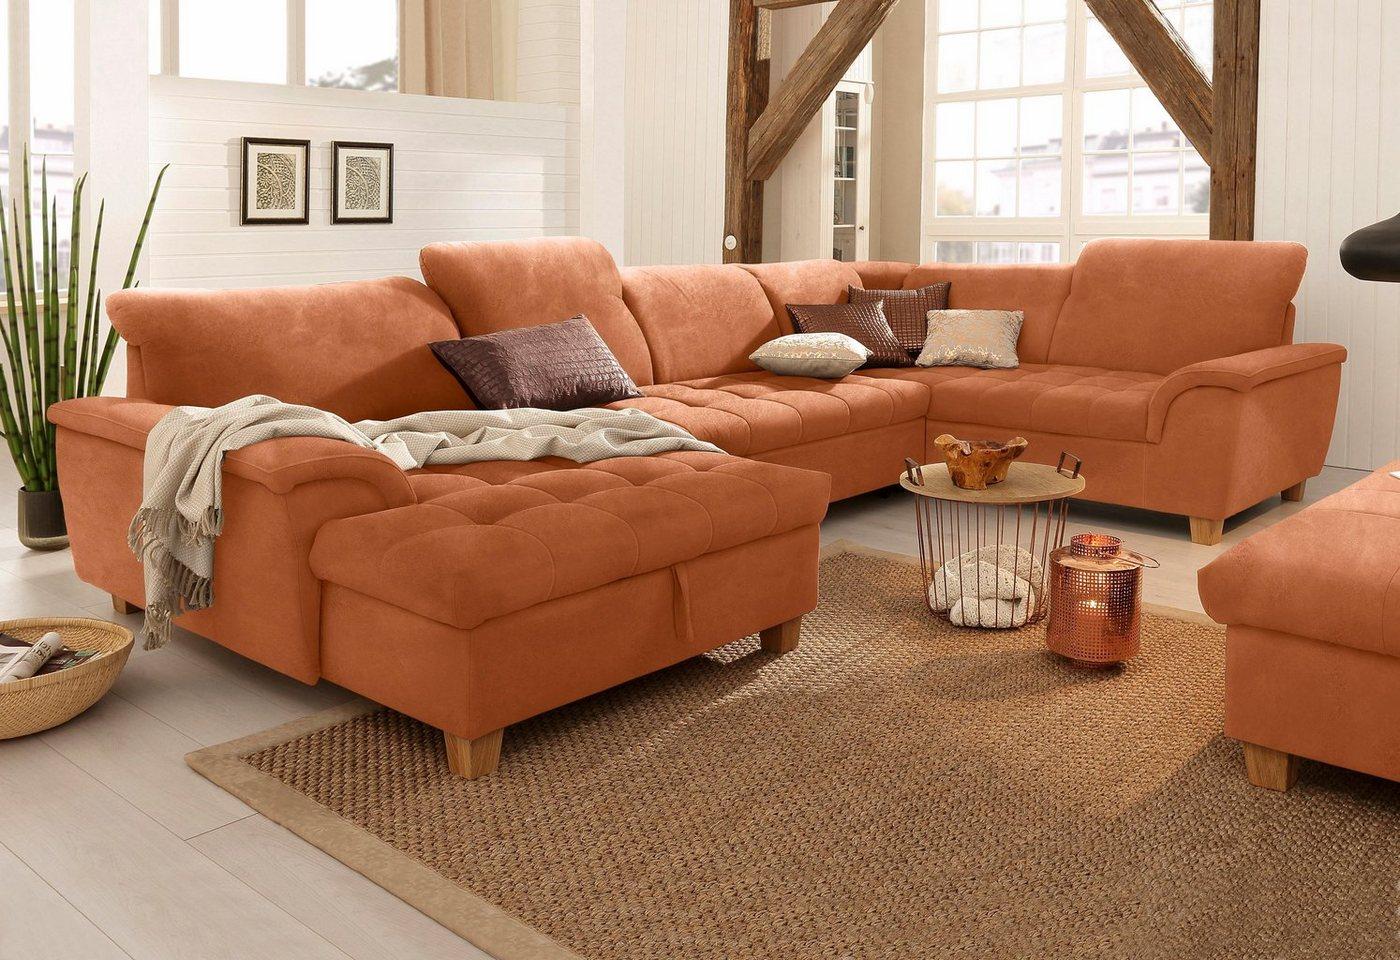 wohnlandschaft leder verstellbar machen sie den preisvergleich bei nextag. Black Bedroom Furniture Sets. Home Design Ideas